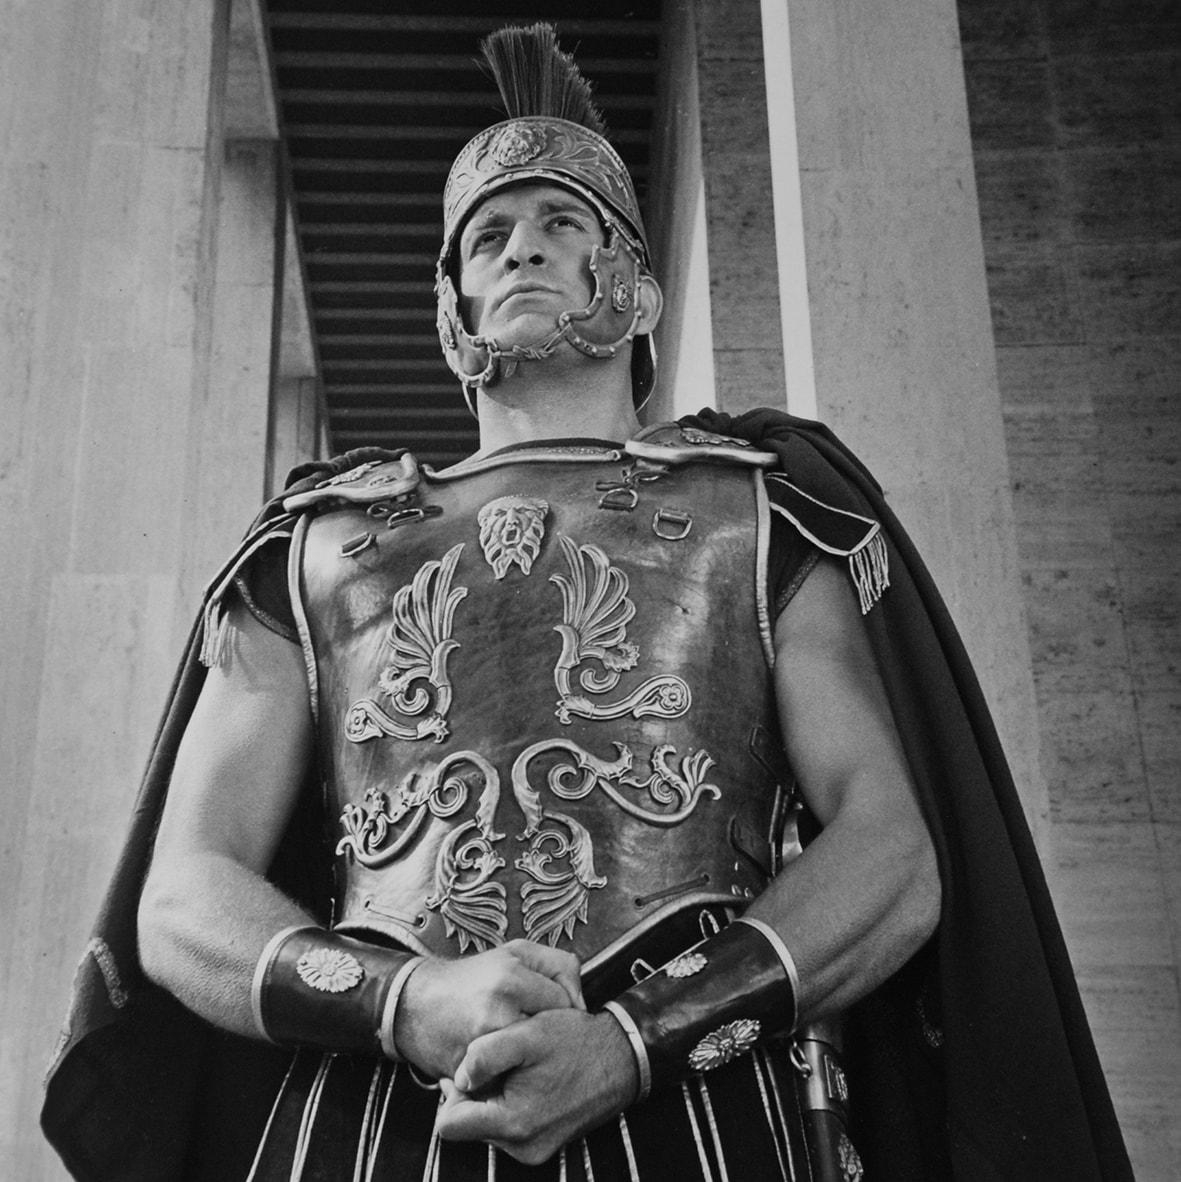 VITA DA CENTURIONI. I dieci gladiatori, regia di Gianfranco Parolini, 1961. Credit Agenzia Dufoto.